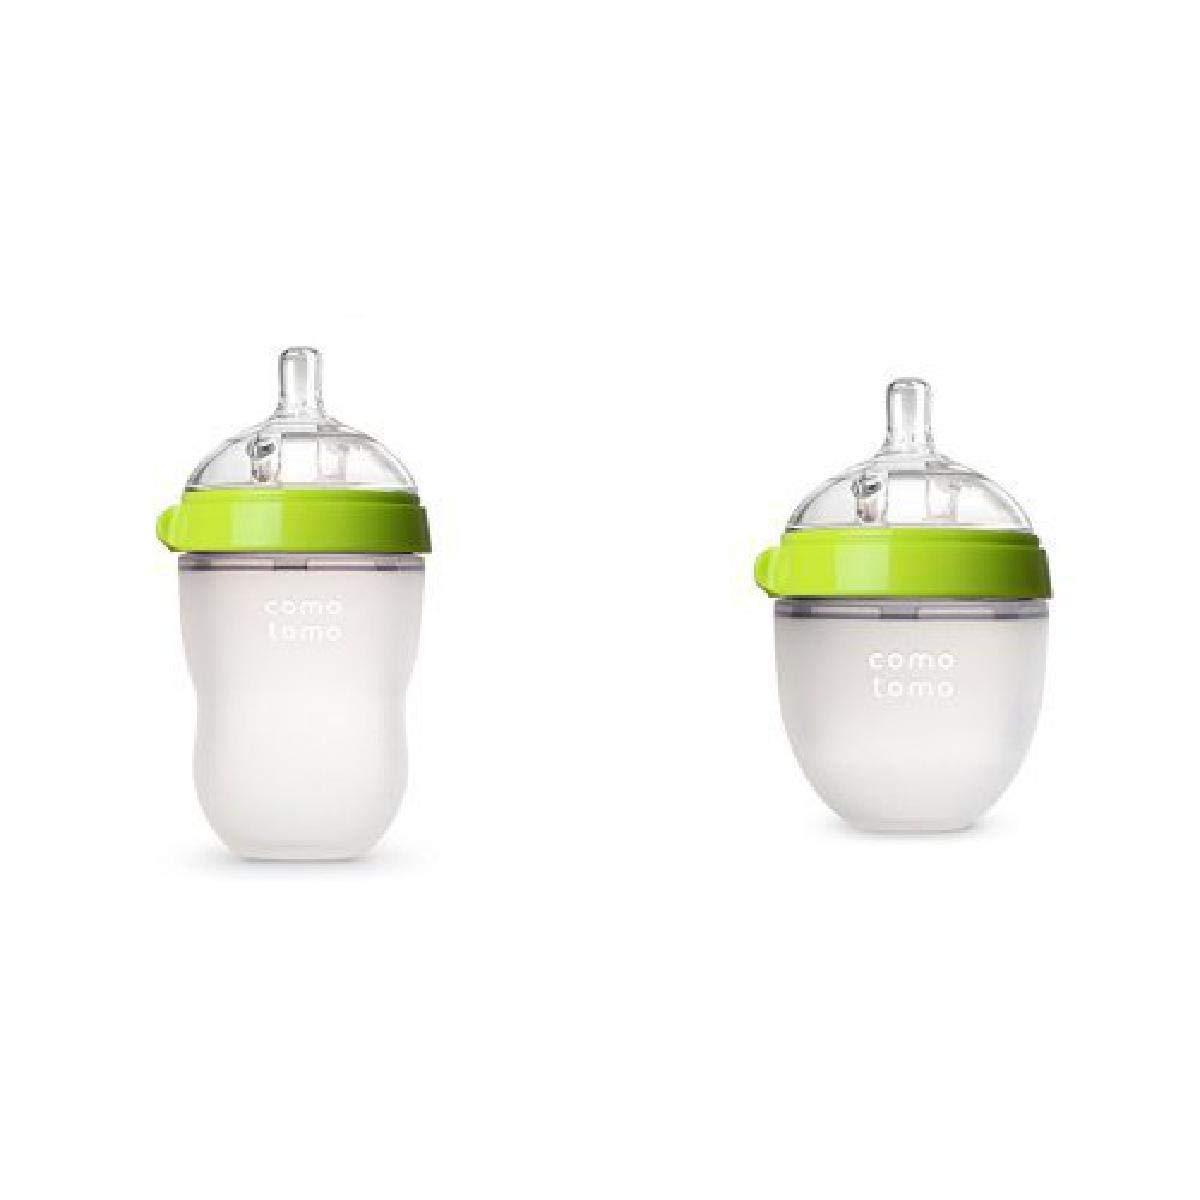 Comotomo Natural Feel Baby Bottle Set, Green, (One 8-Ounce, One 5-Ounce)